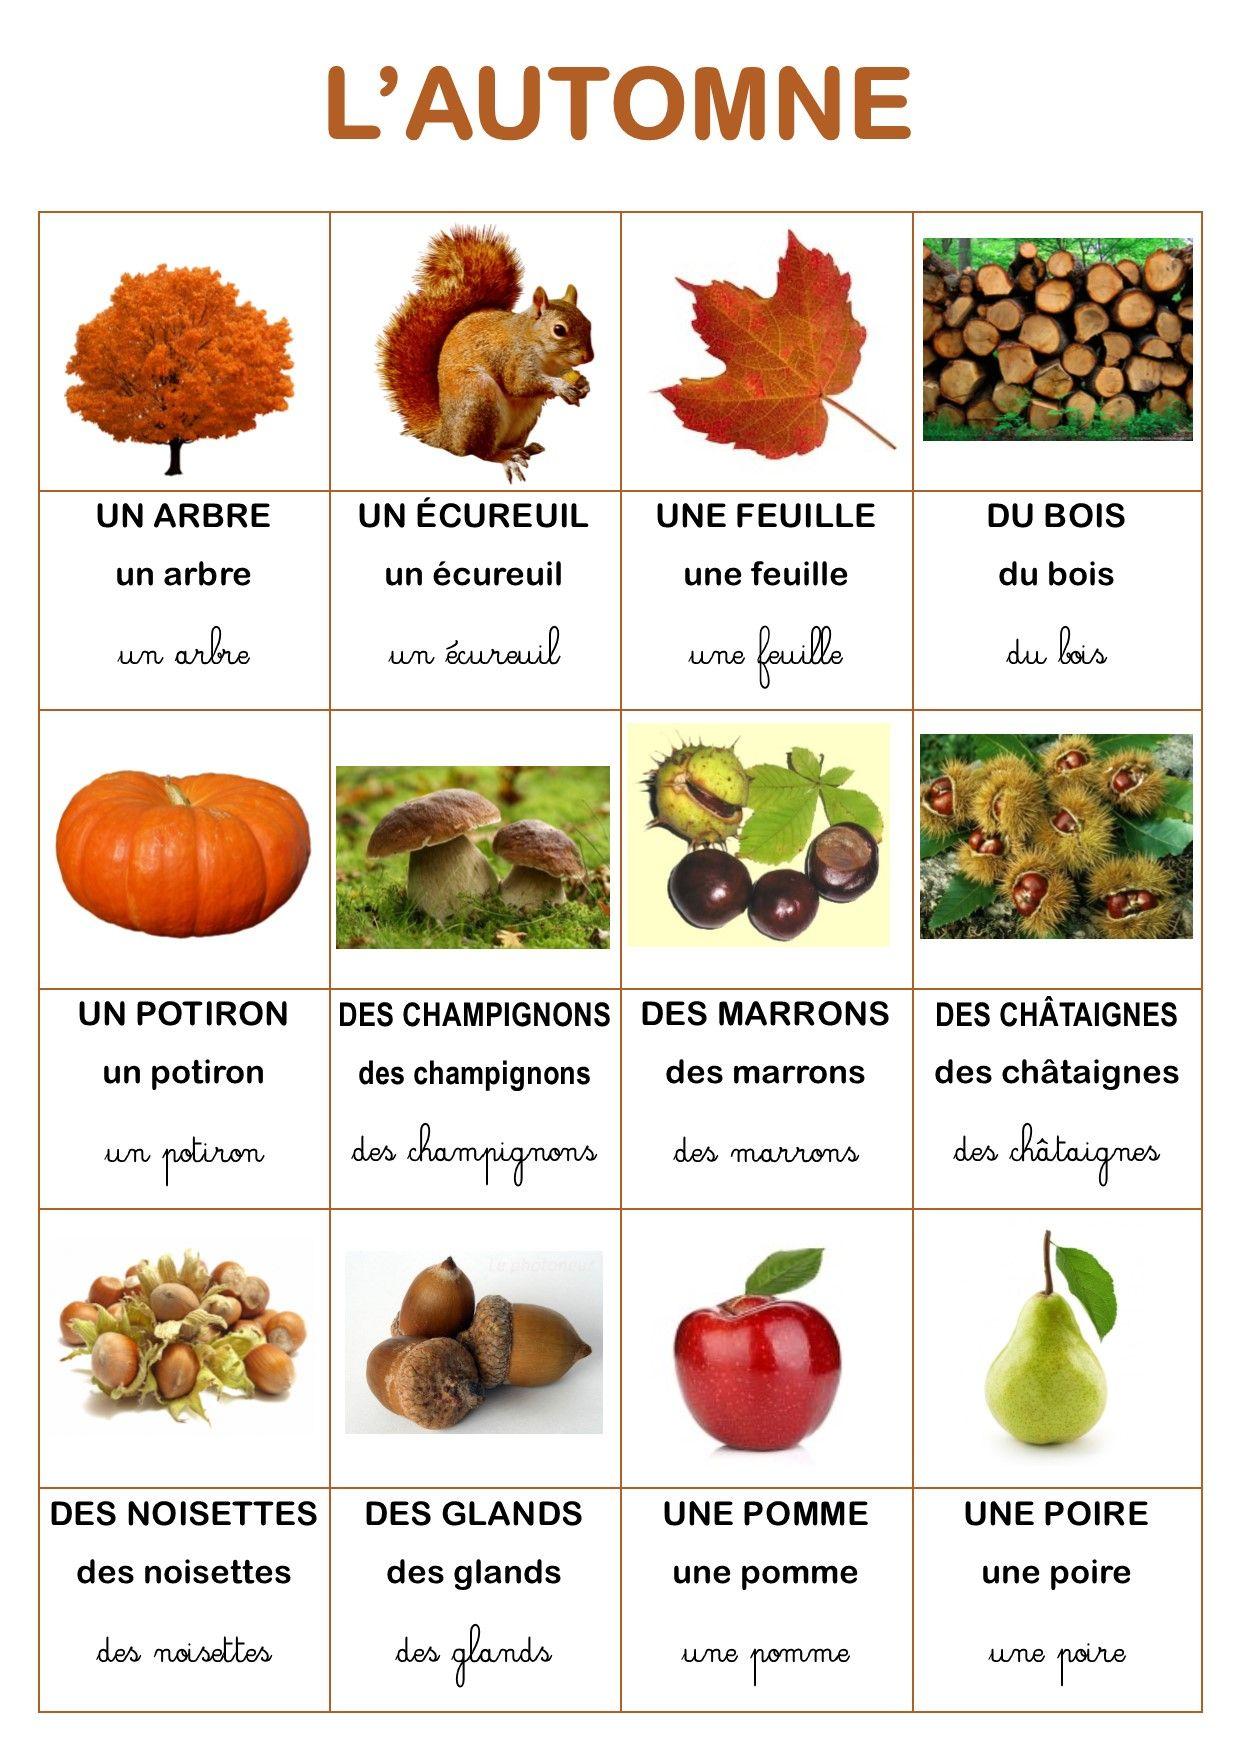 Resultado de imagen de vocabulaire l'automne